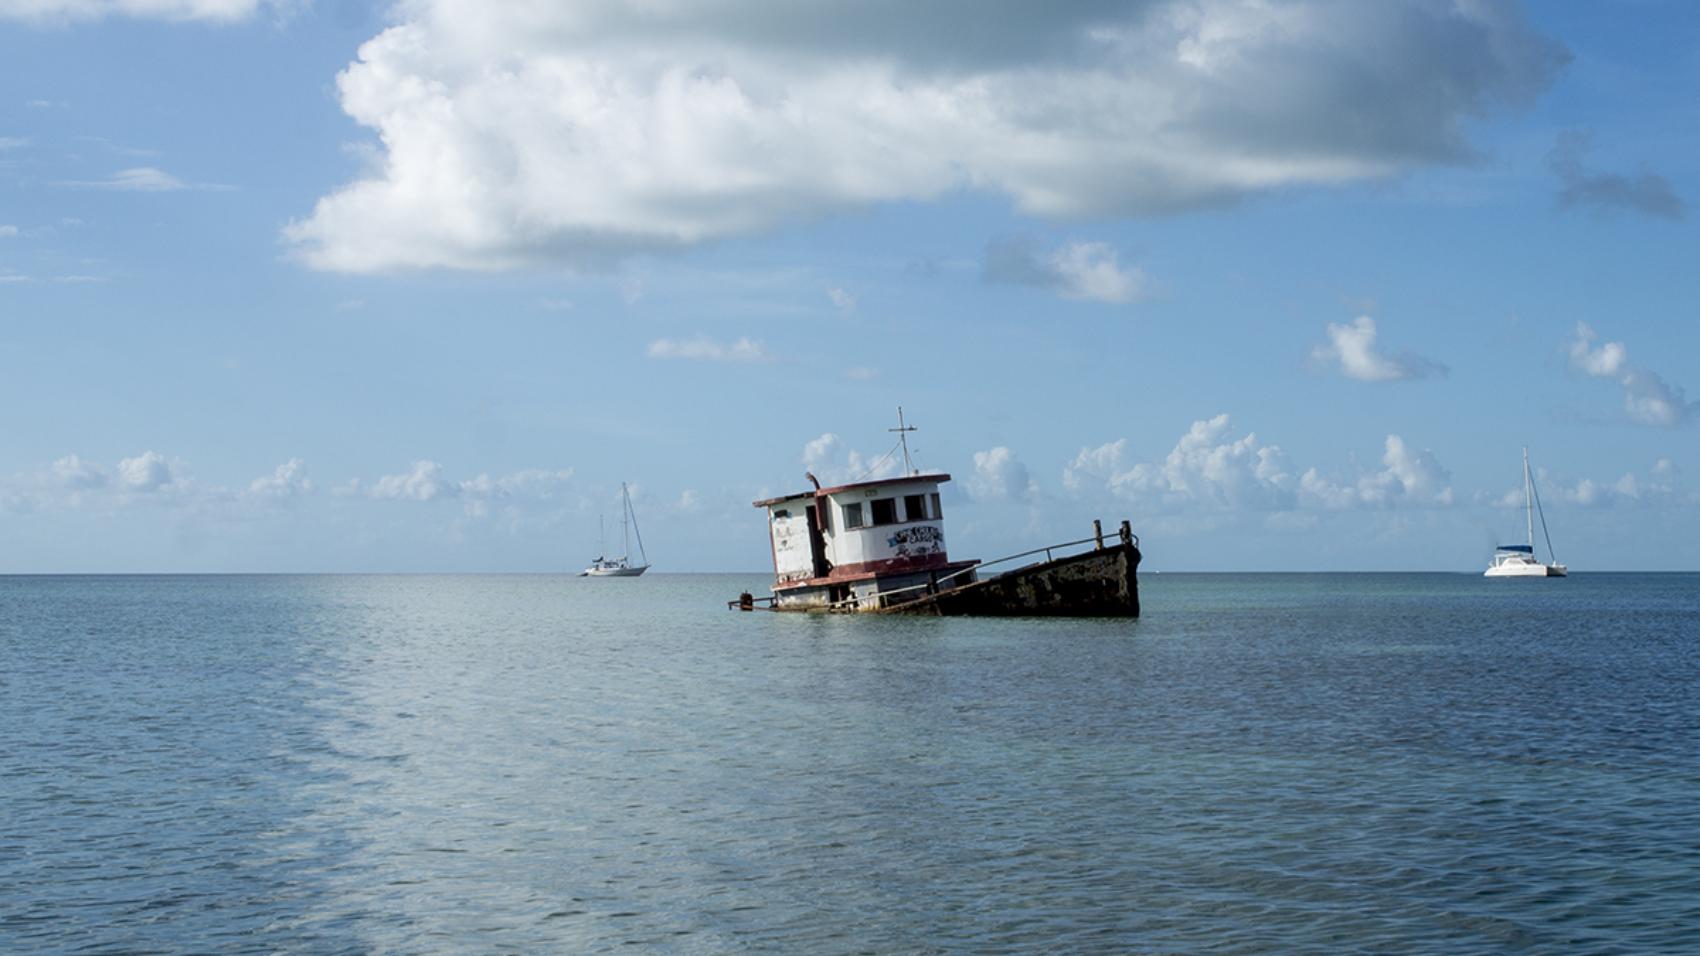 sunken boat at Cay Caulker, Belize